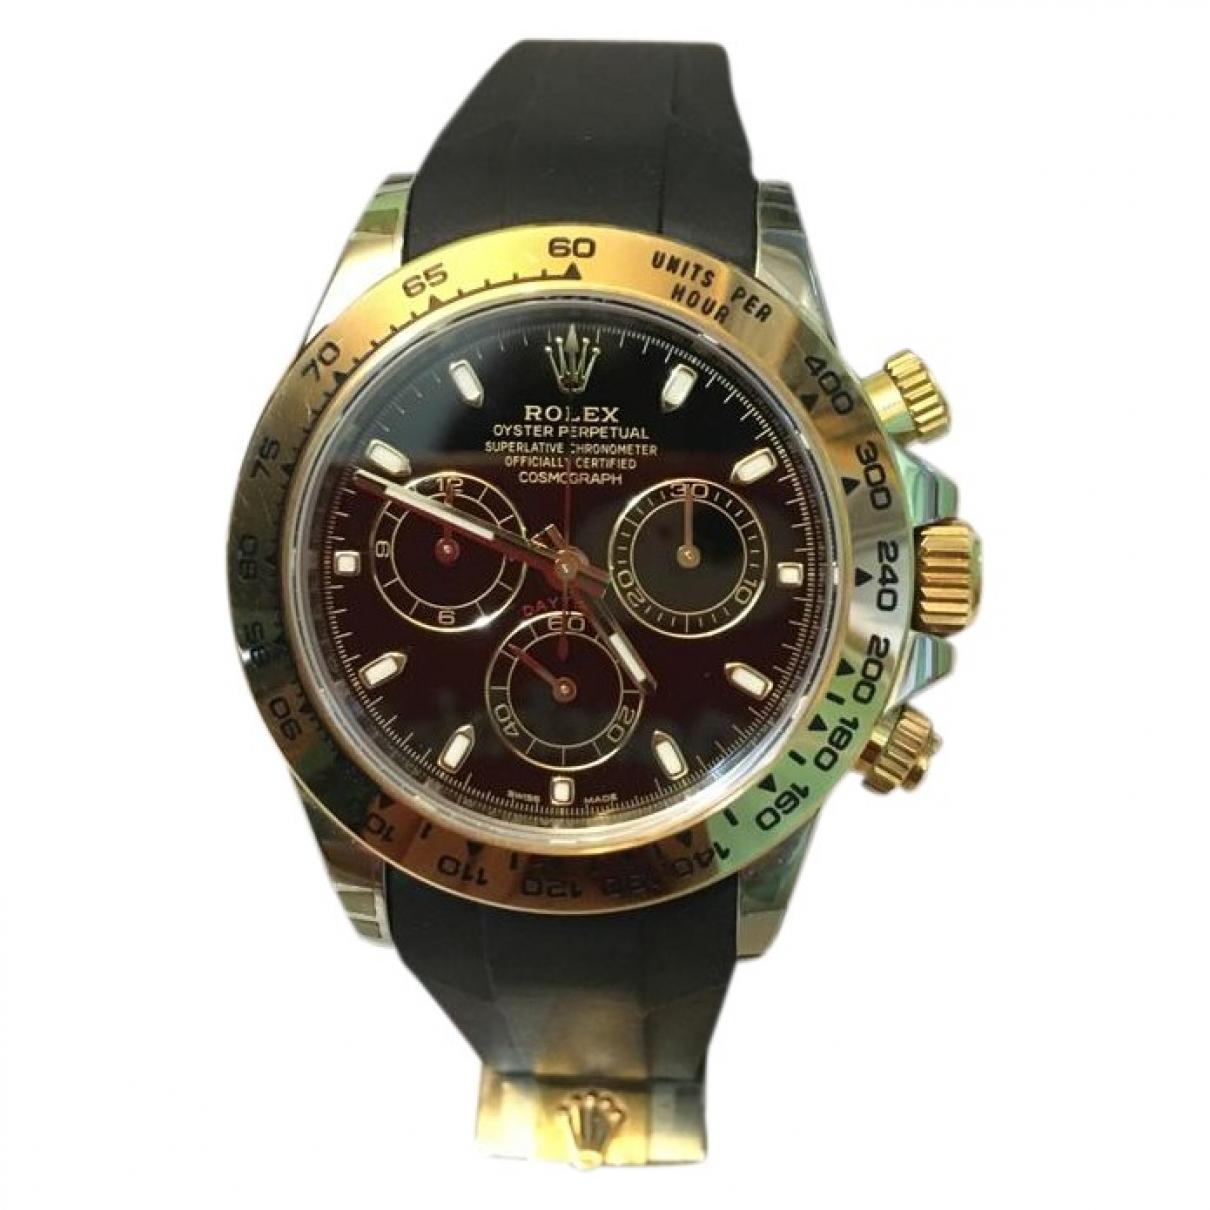 Rolex Daytona Uhr in  Schwarz Gold und Stahl